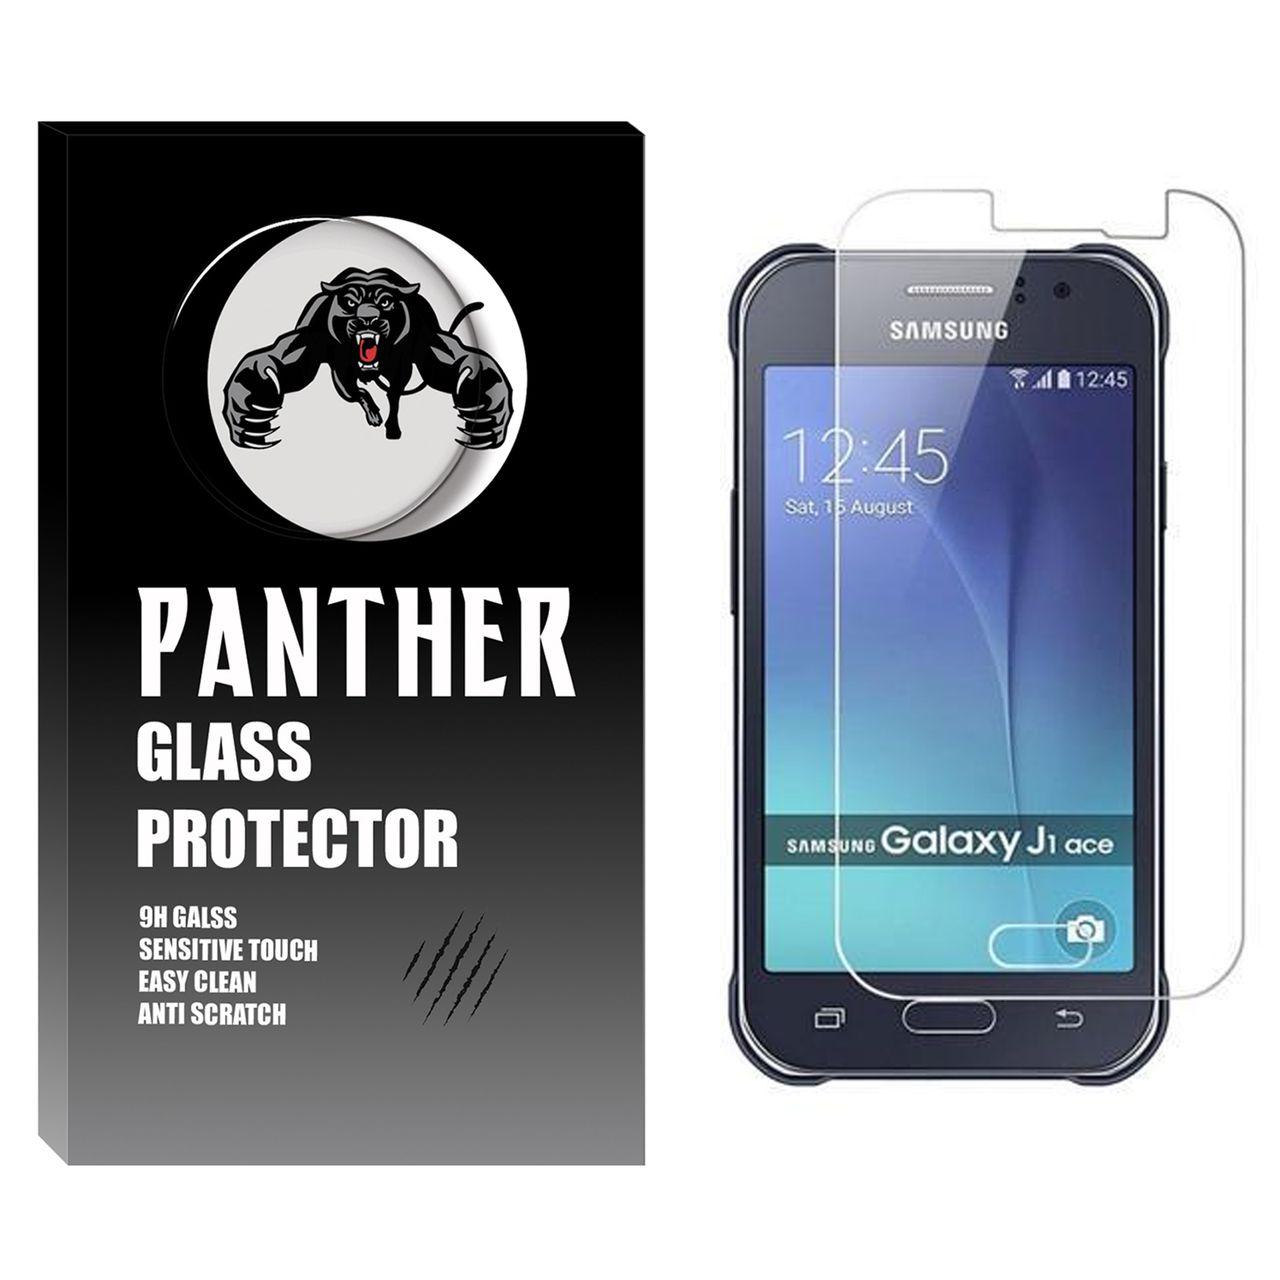 محافظ صفحه نمایش پنتر مدل TMP-004 مناسب برای گوشی موبایل سامسونگ Galaxy J1 Ace